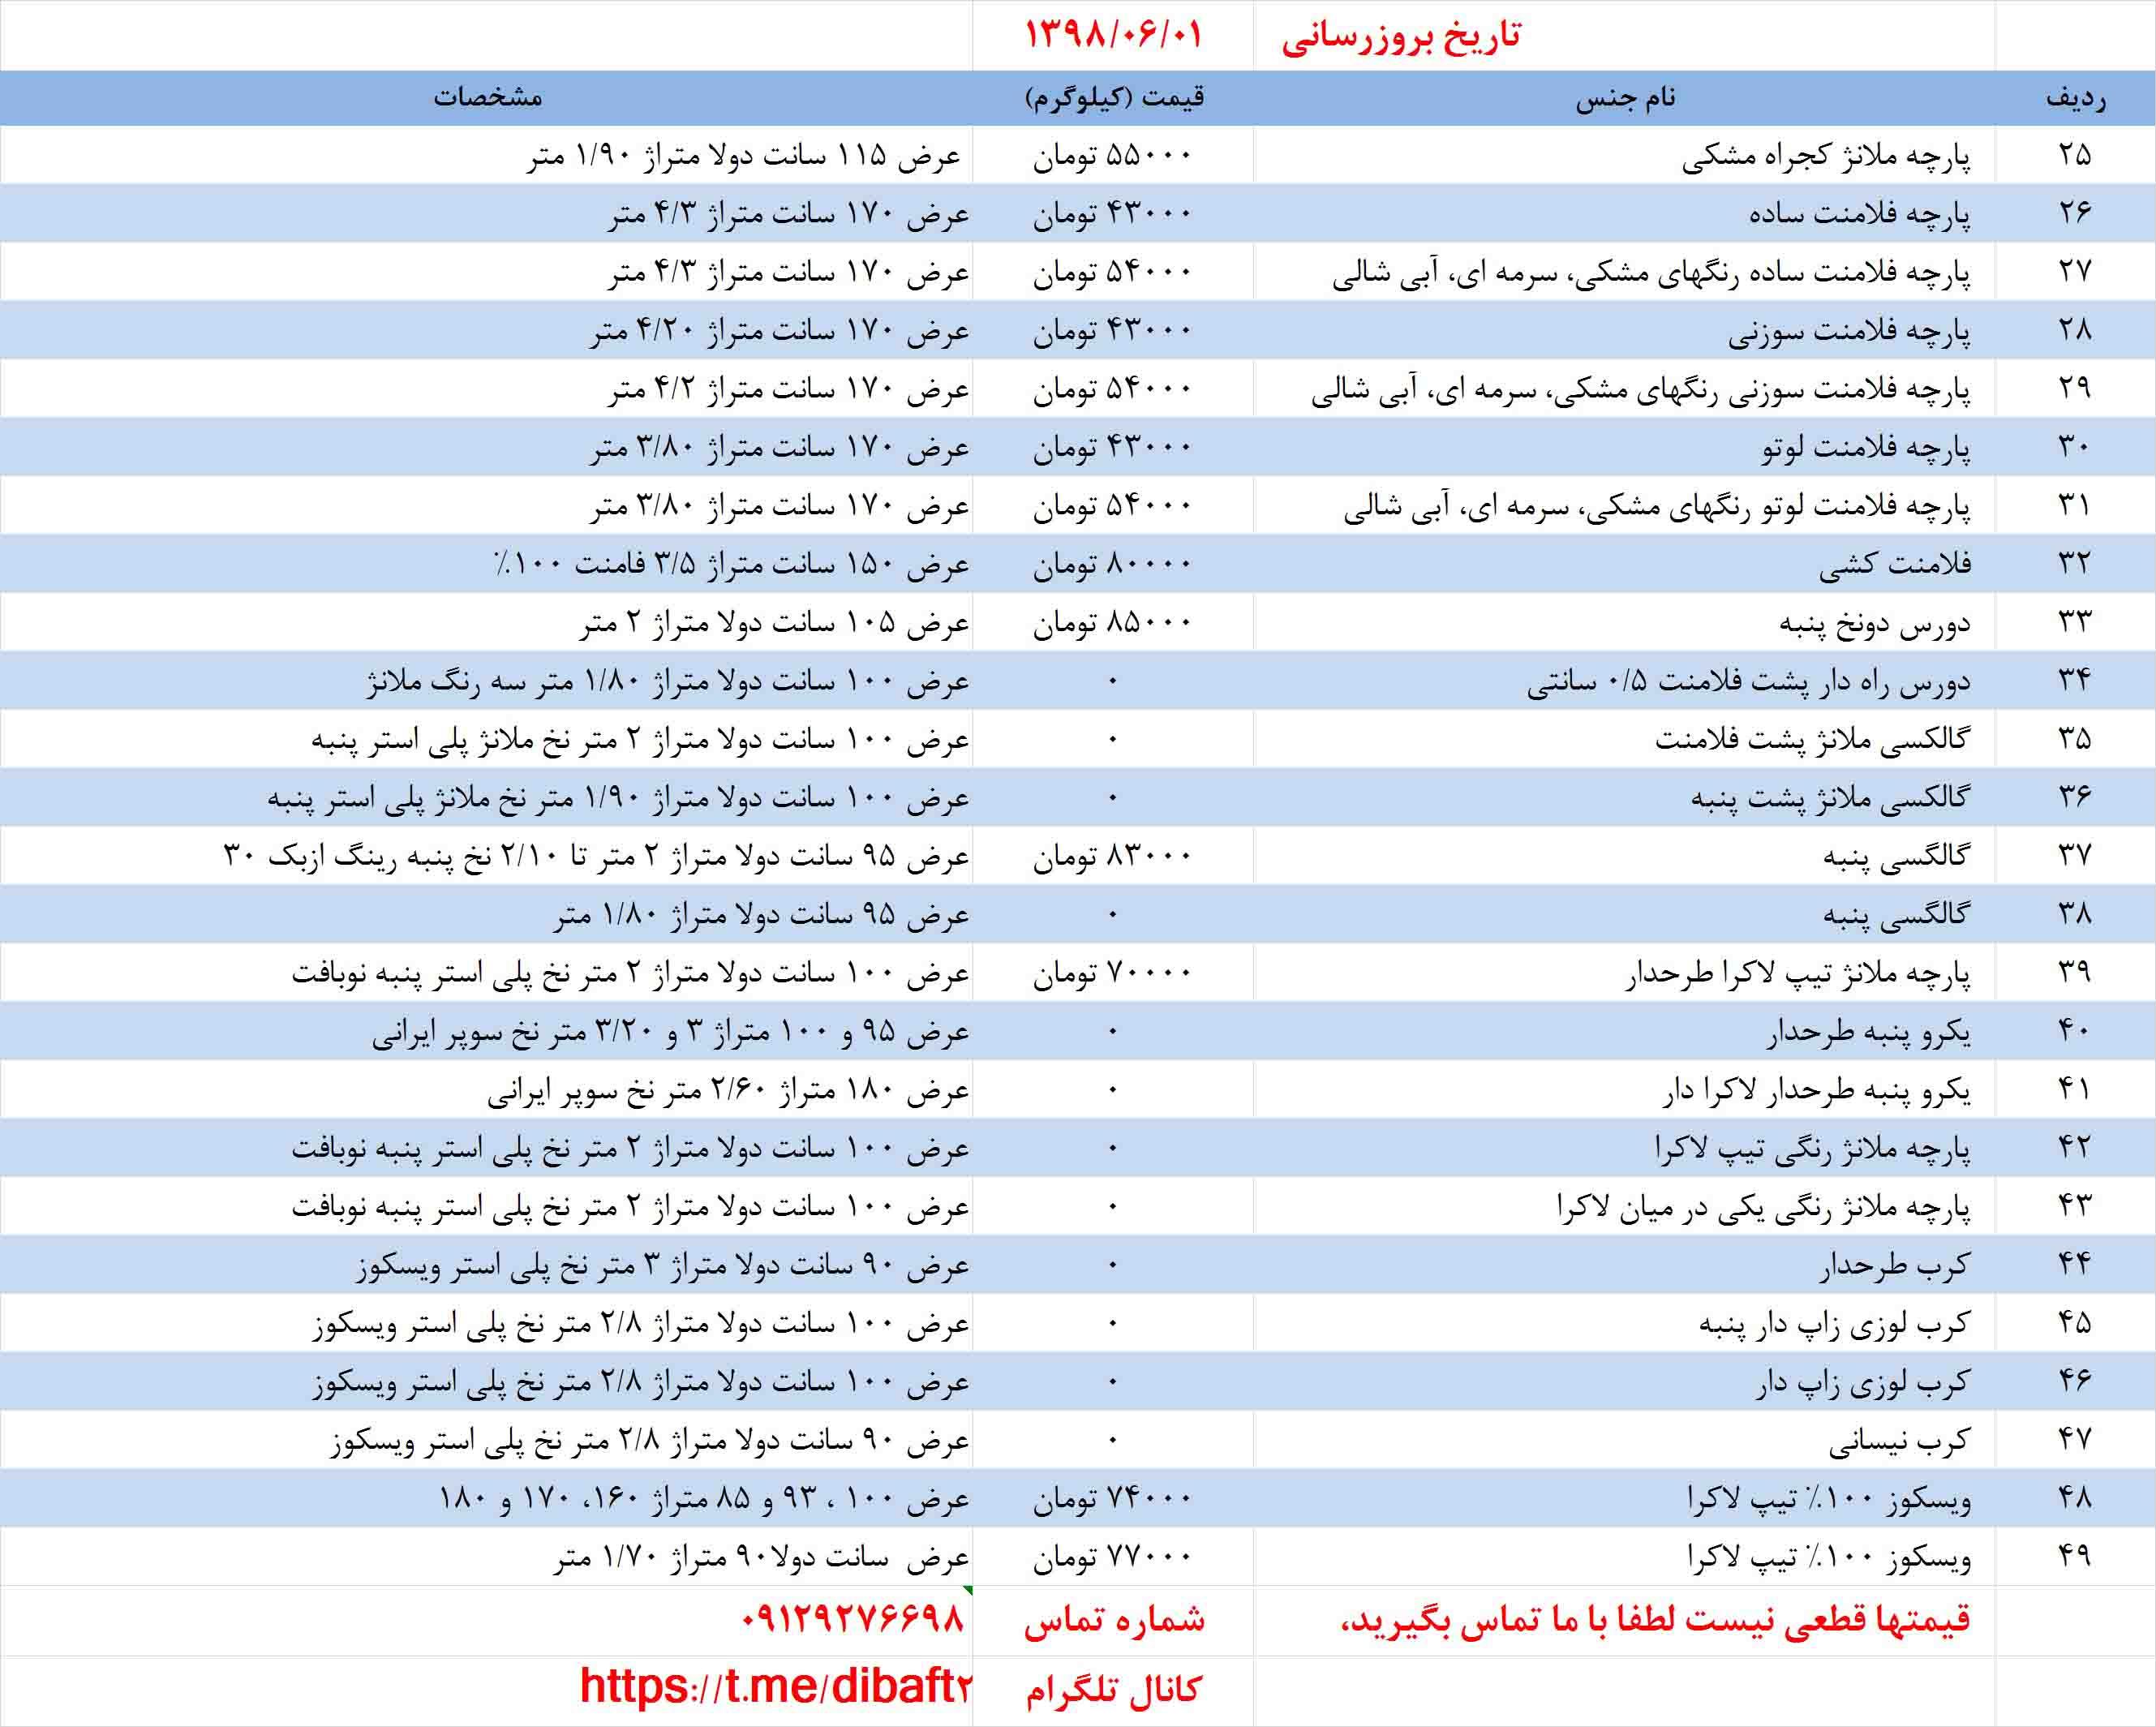 لیست قیمت انواع پارچه گردبافت